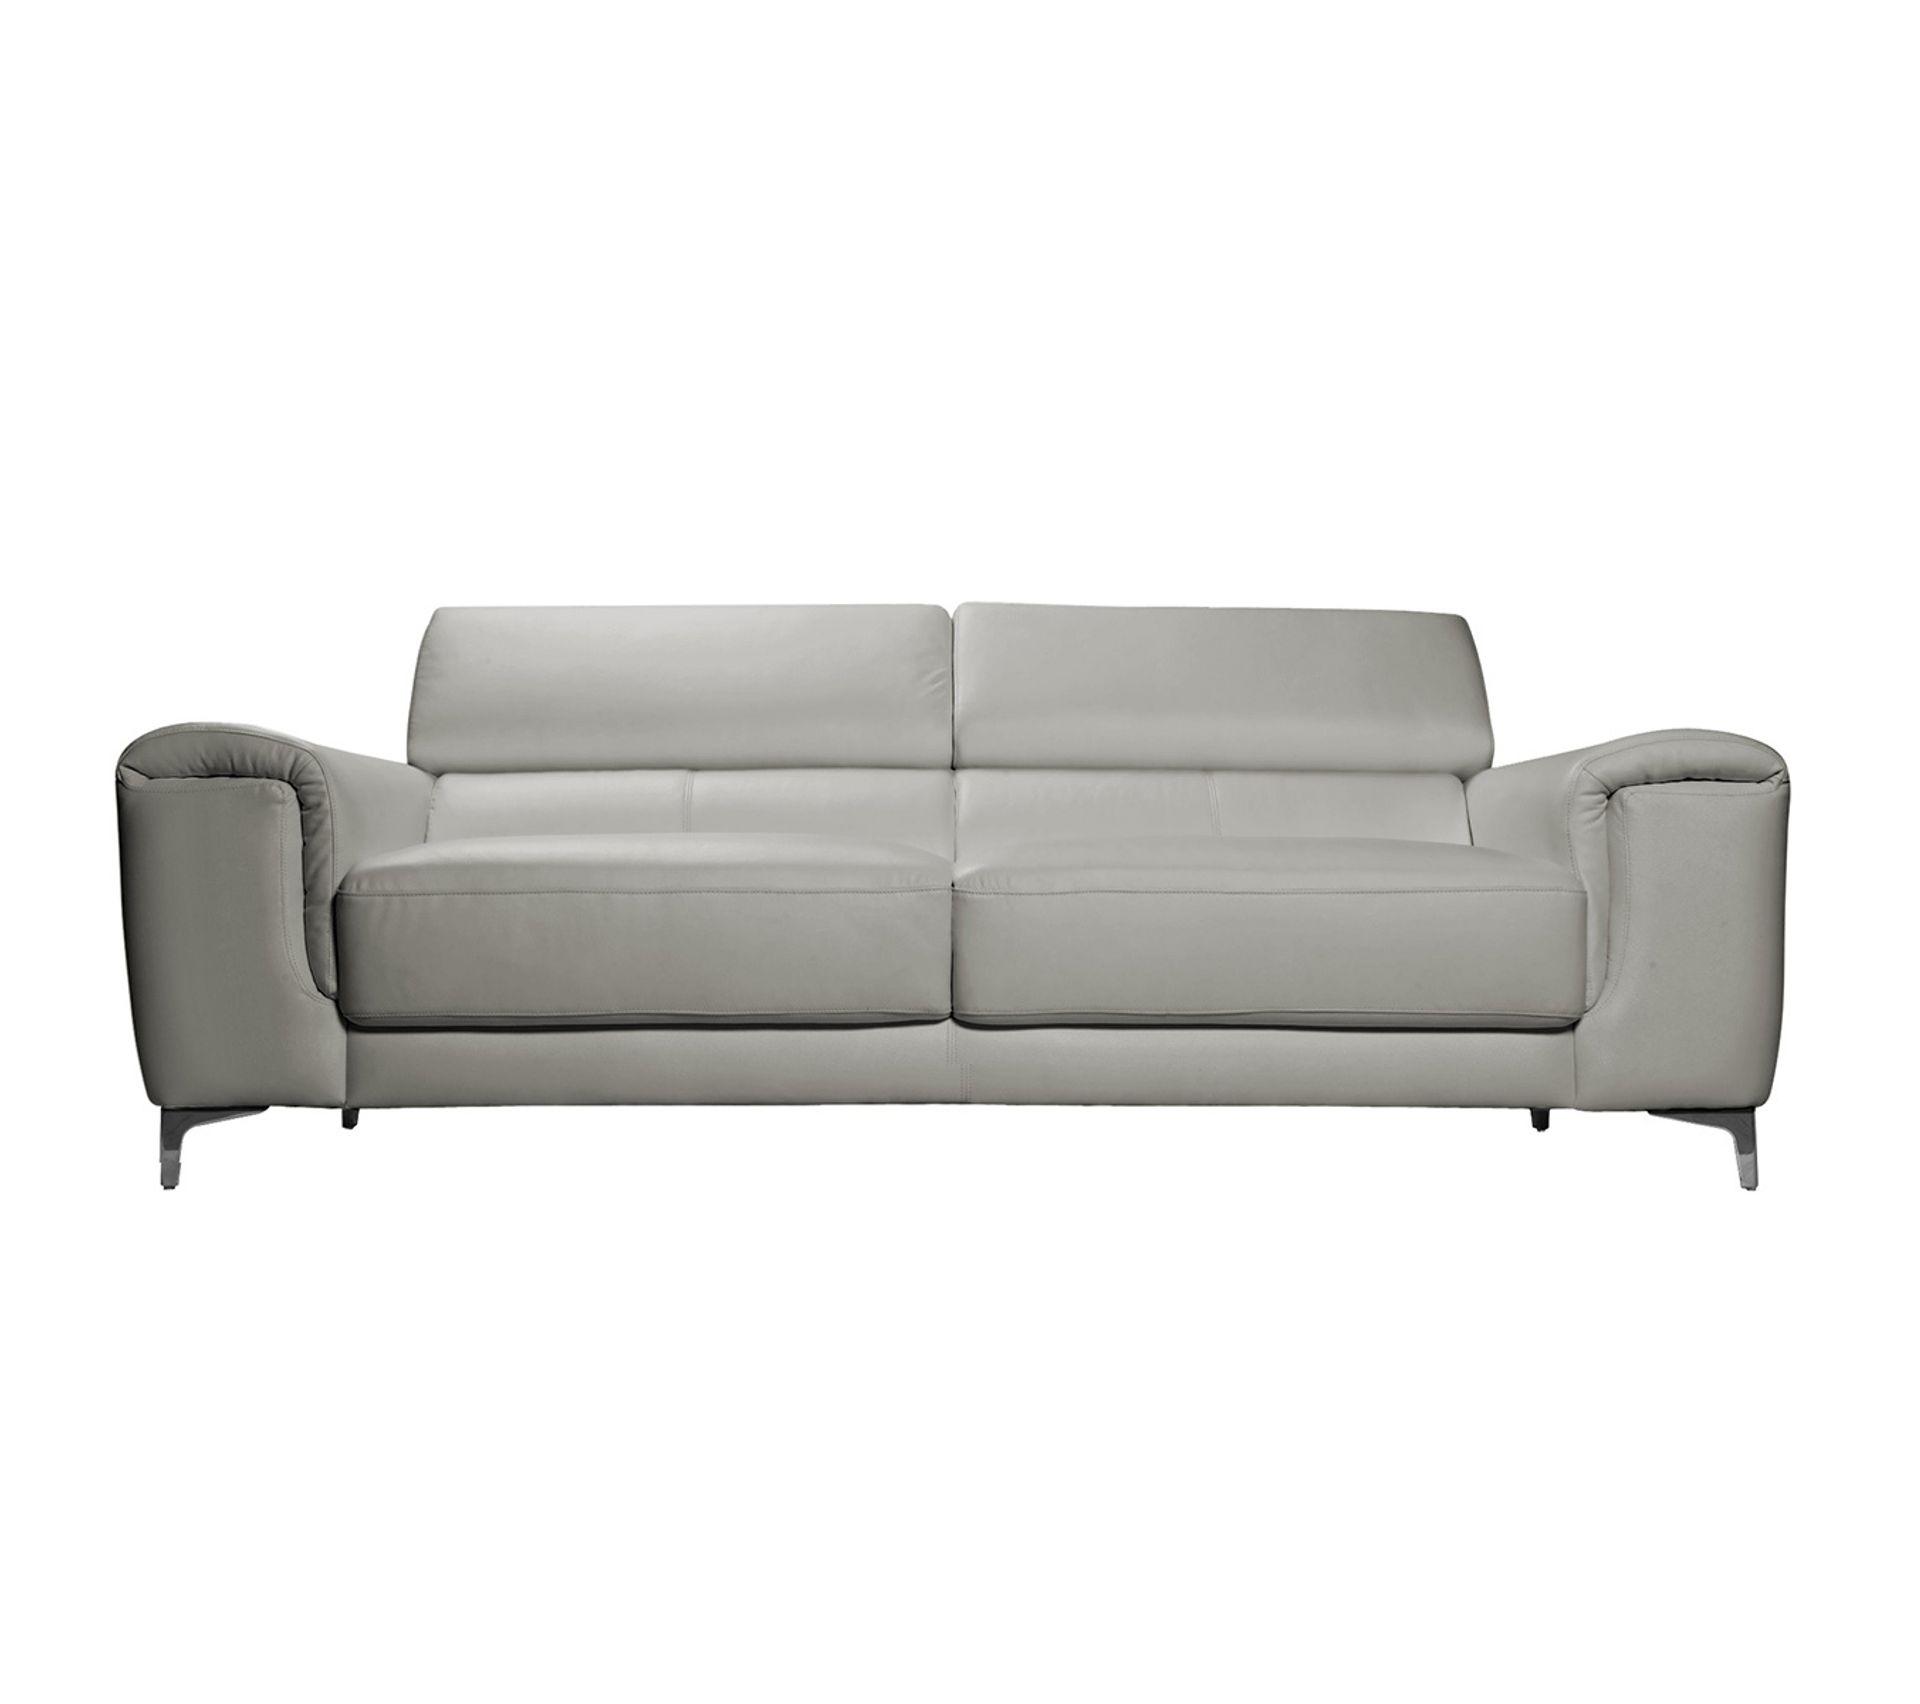 Entretien Canapé Cuir Buffle canapé cuir design 3 places avec têtières relax gris nevada - cuir de buffle